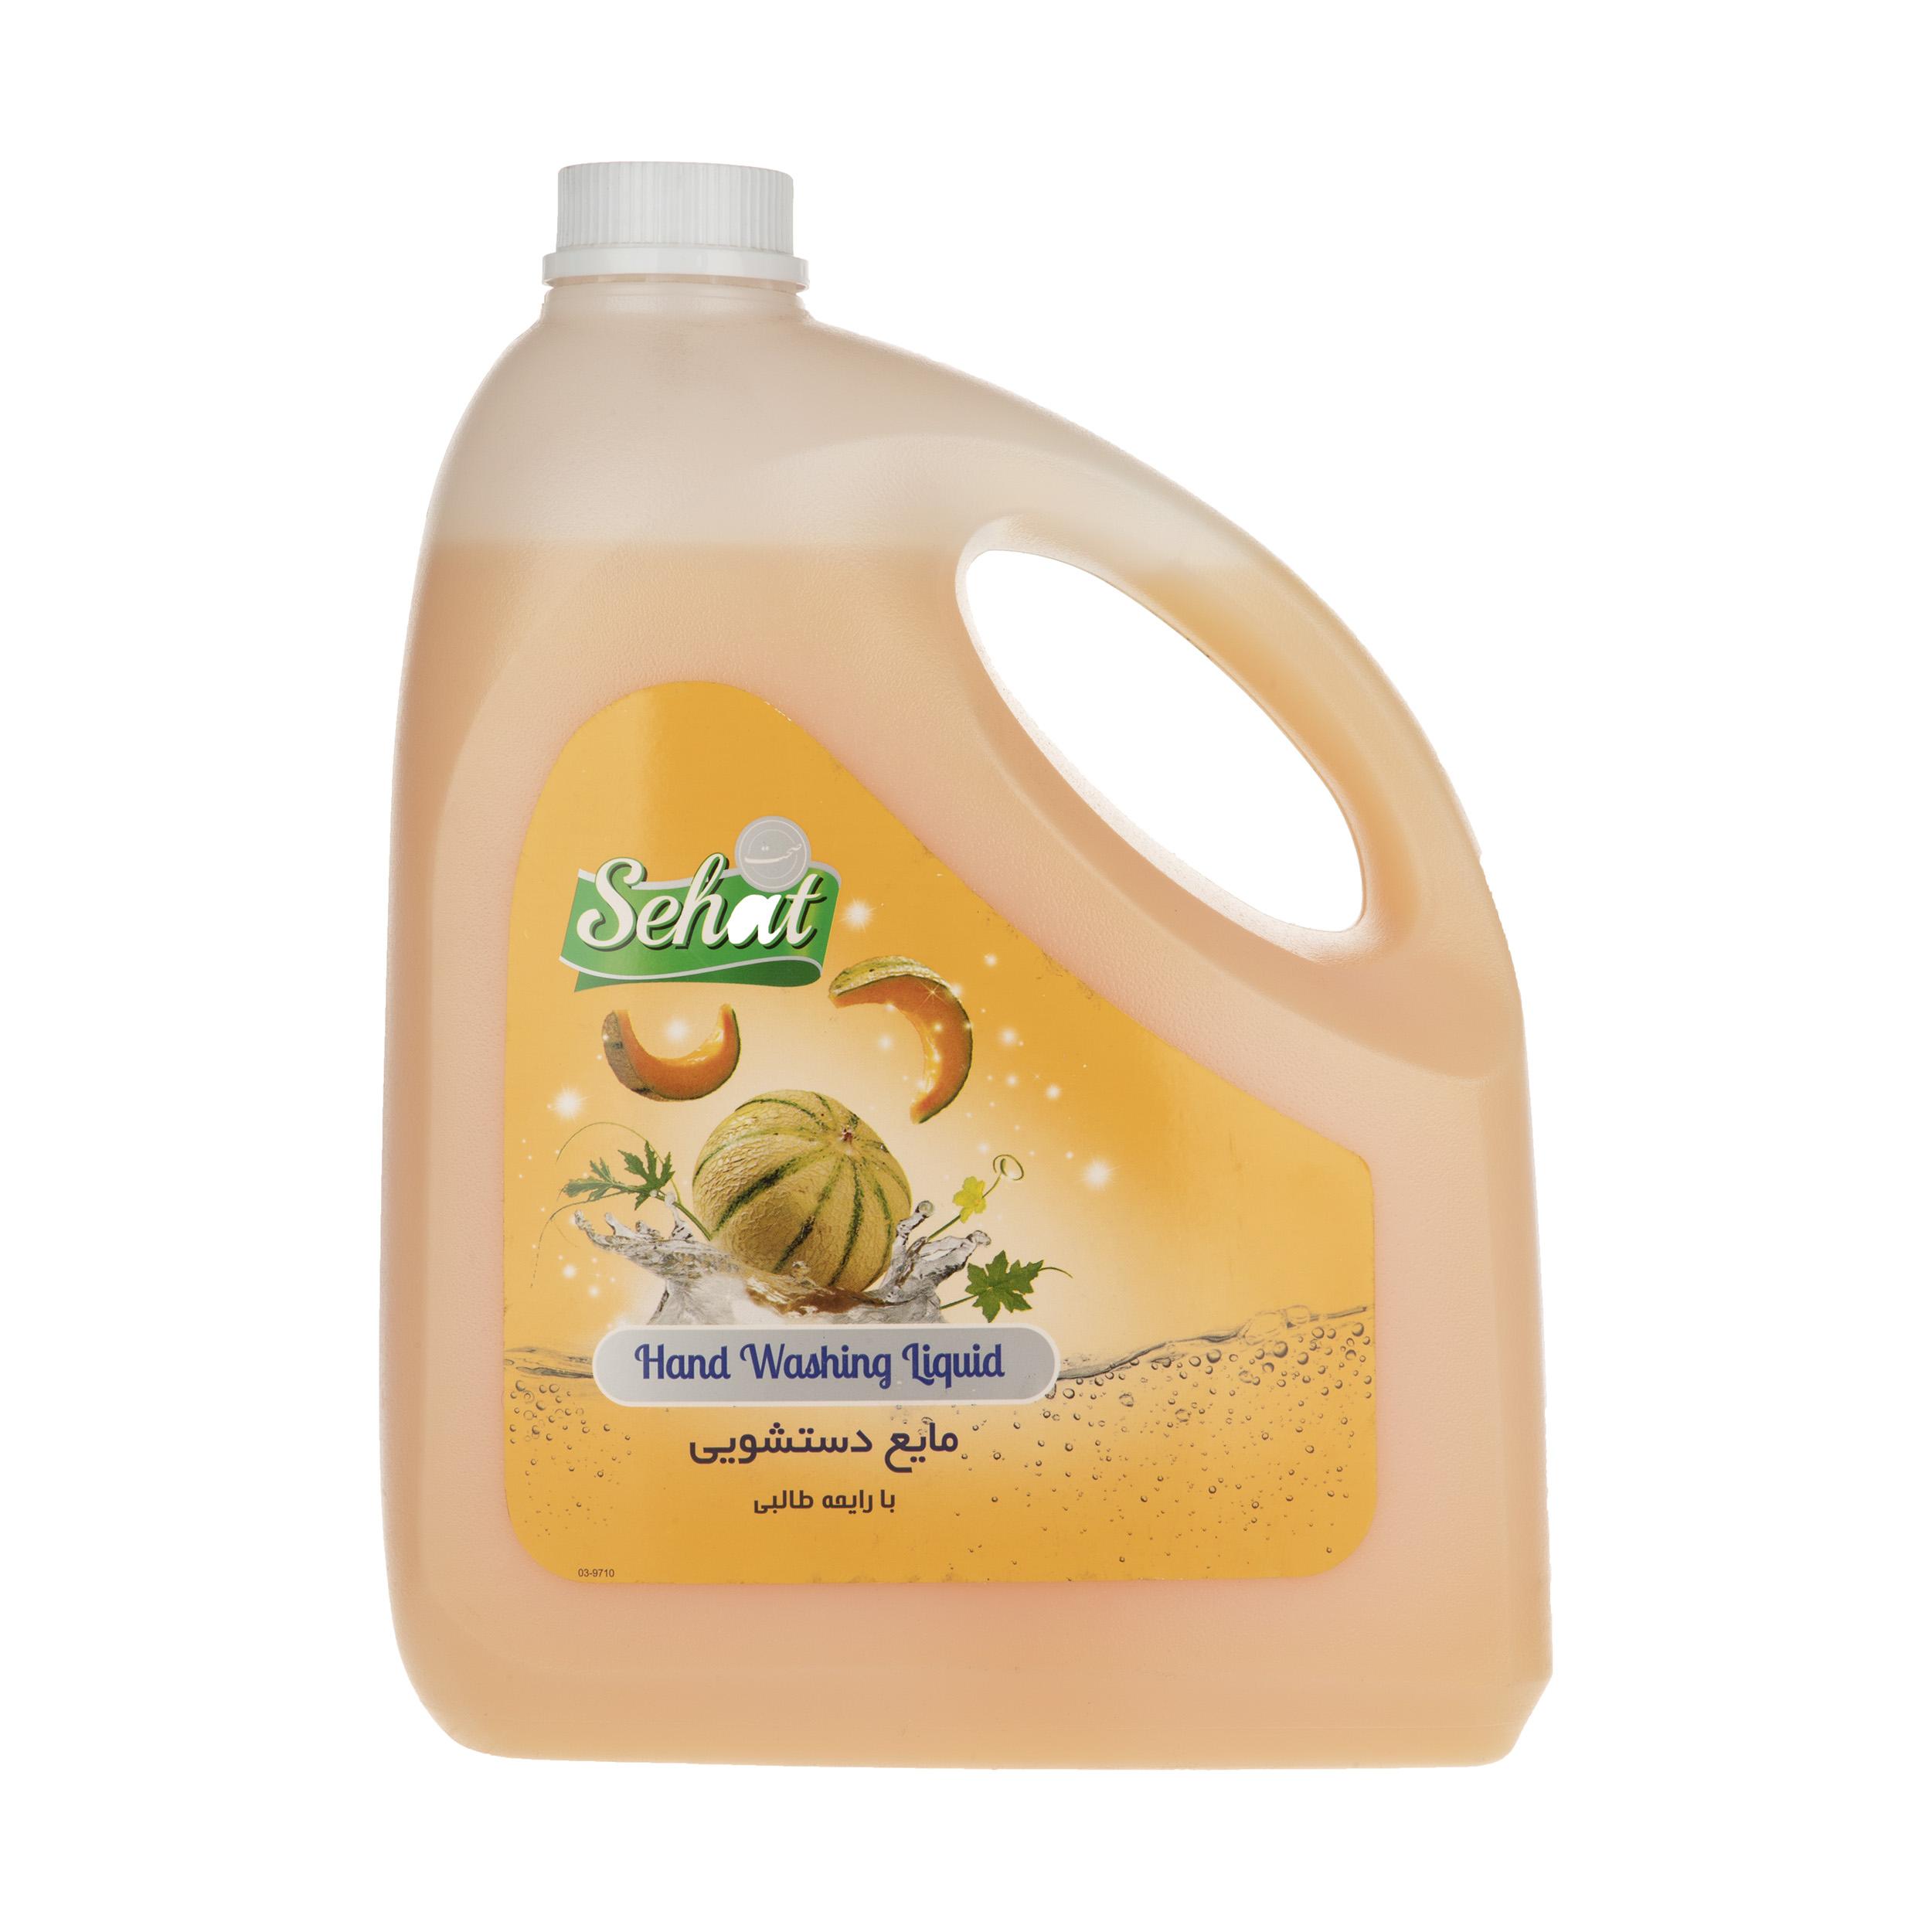 مایع دستشویی صدفی صحت مدل Melon مقدار 4000 گرم